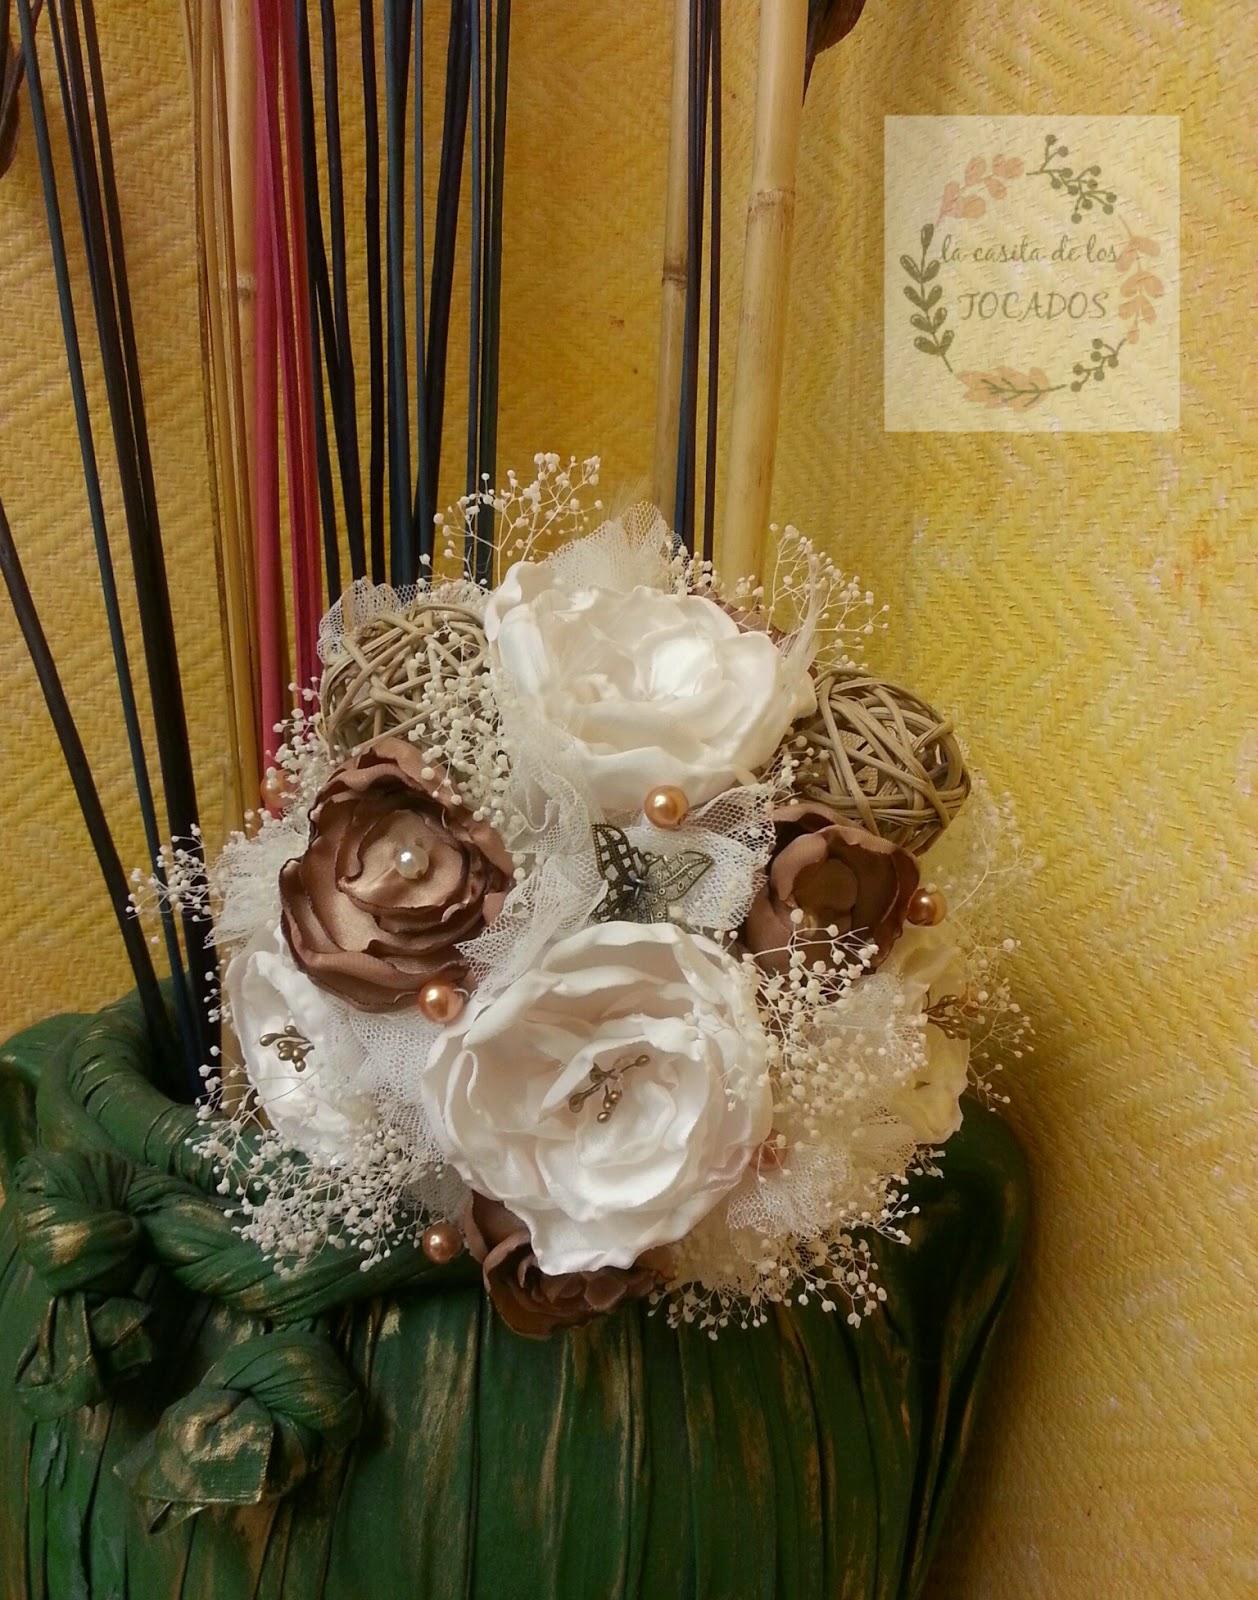 ramo para novia en colores marfil y bronce, otoñal con flores secas